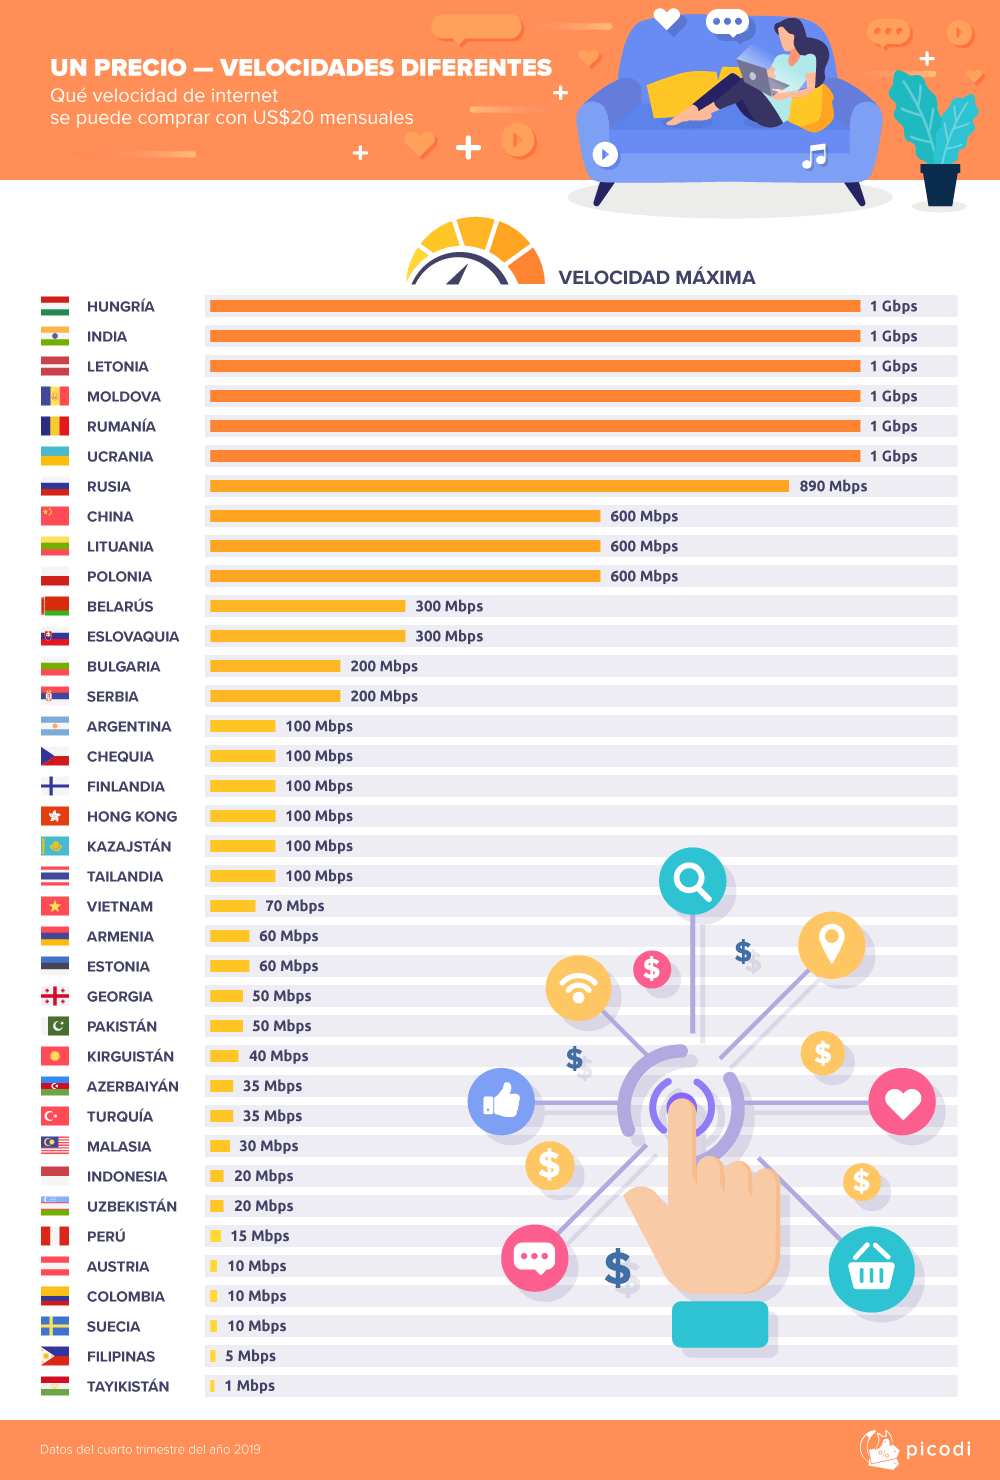 Países con las velocidades más altas